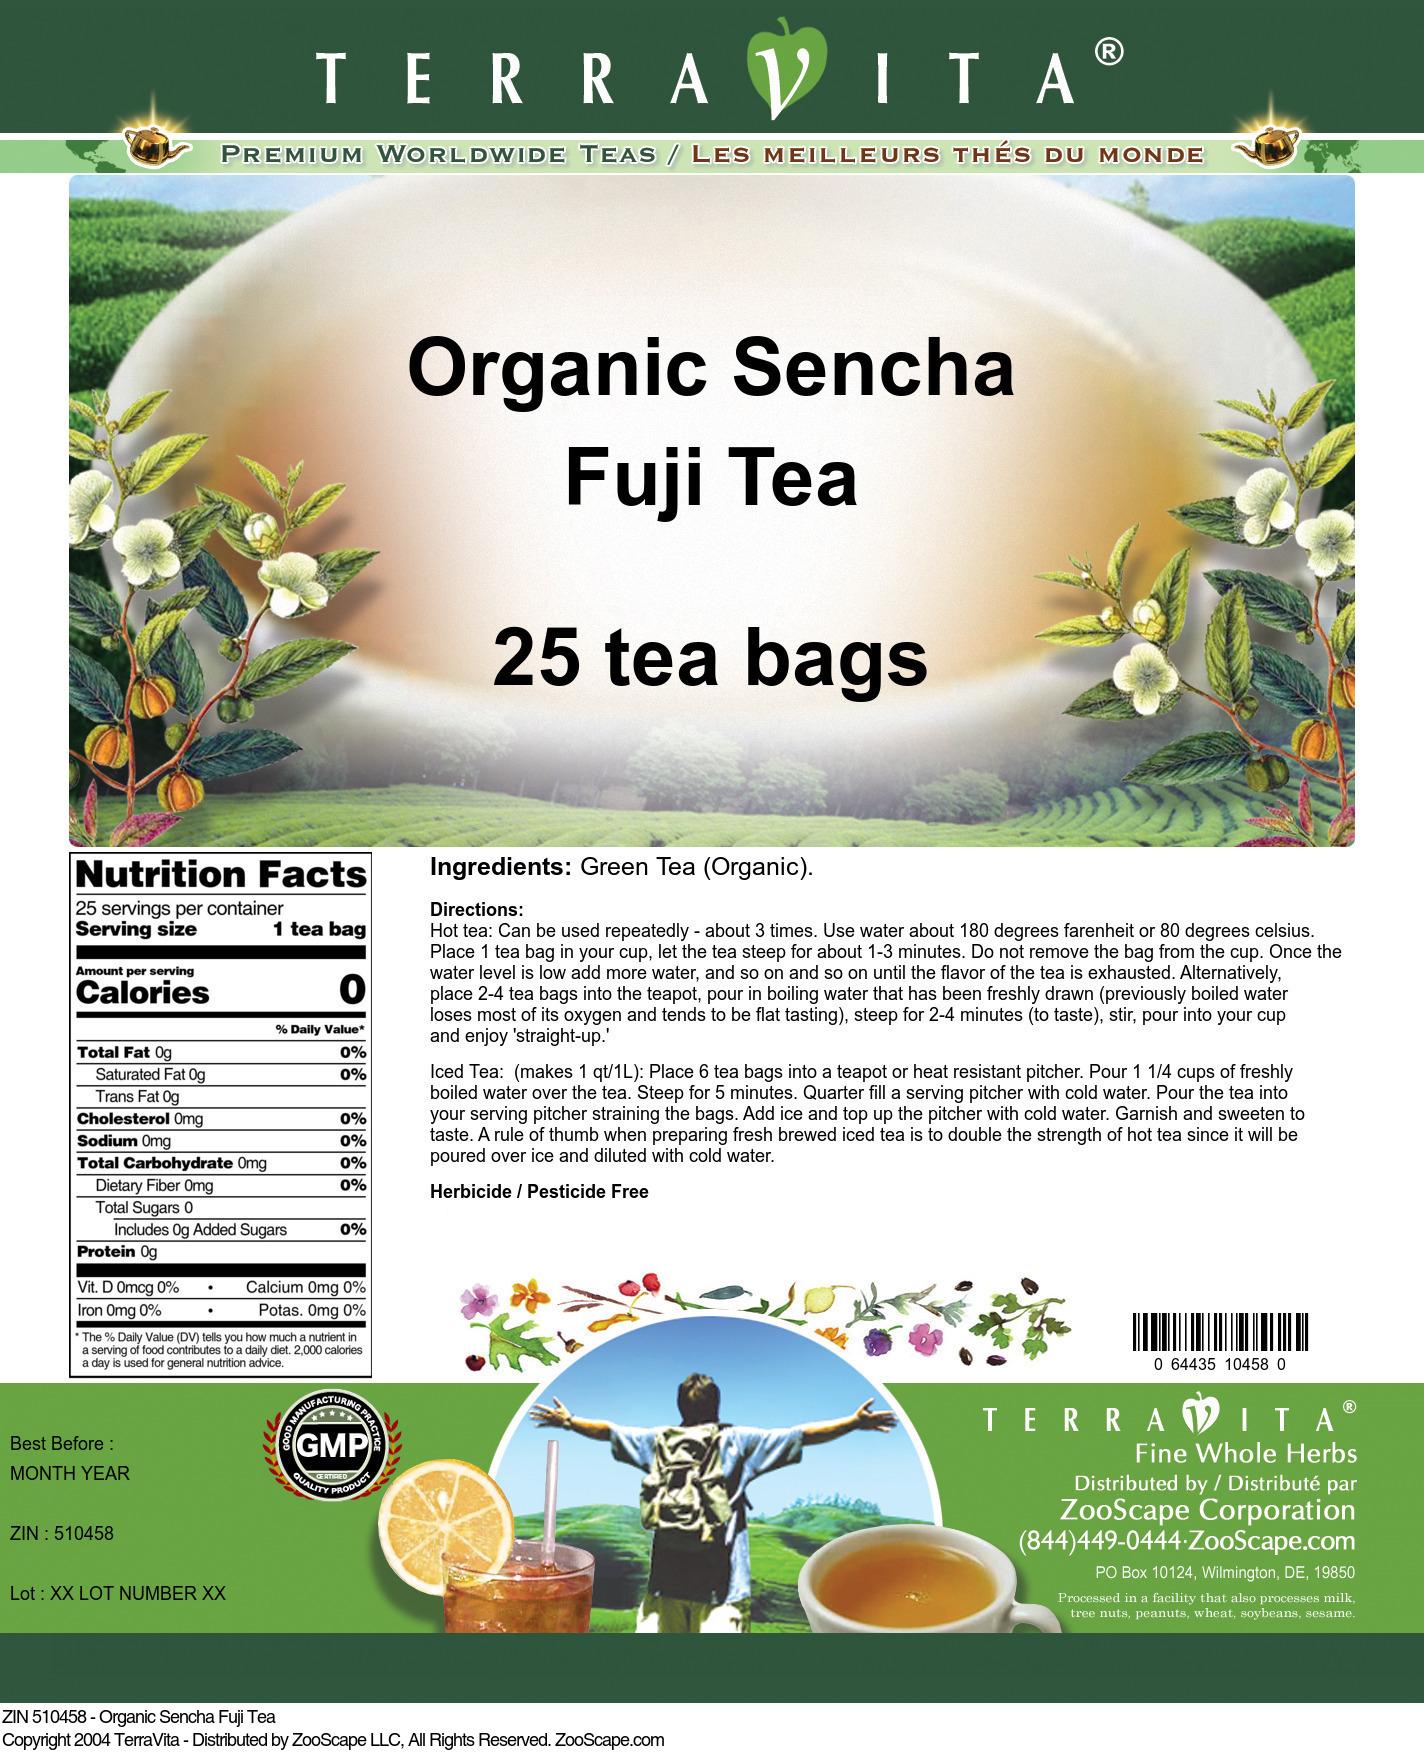 Organic Sencha Fuji Tea